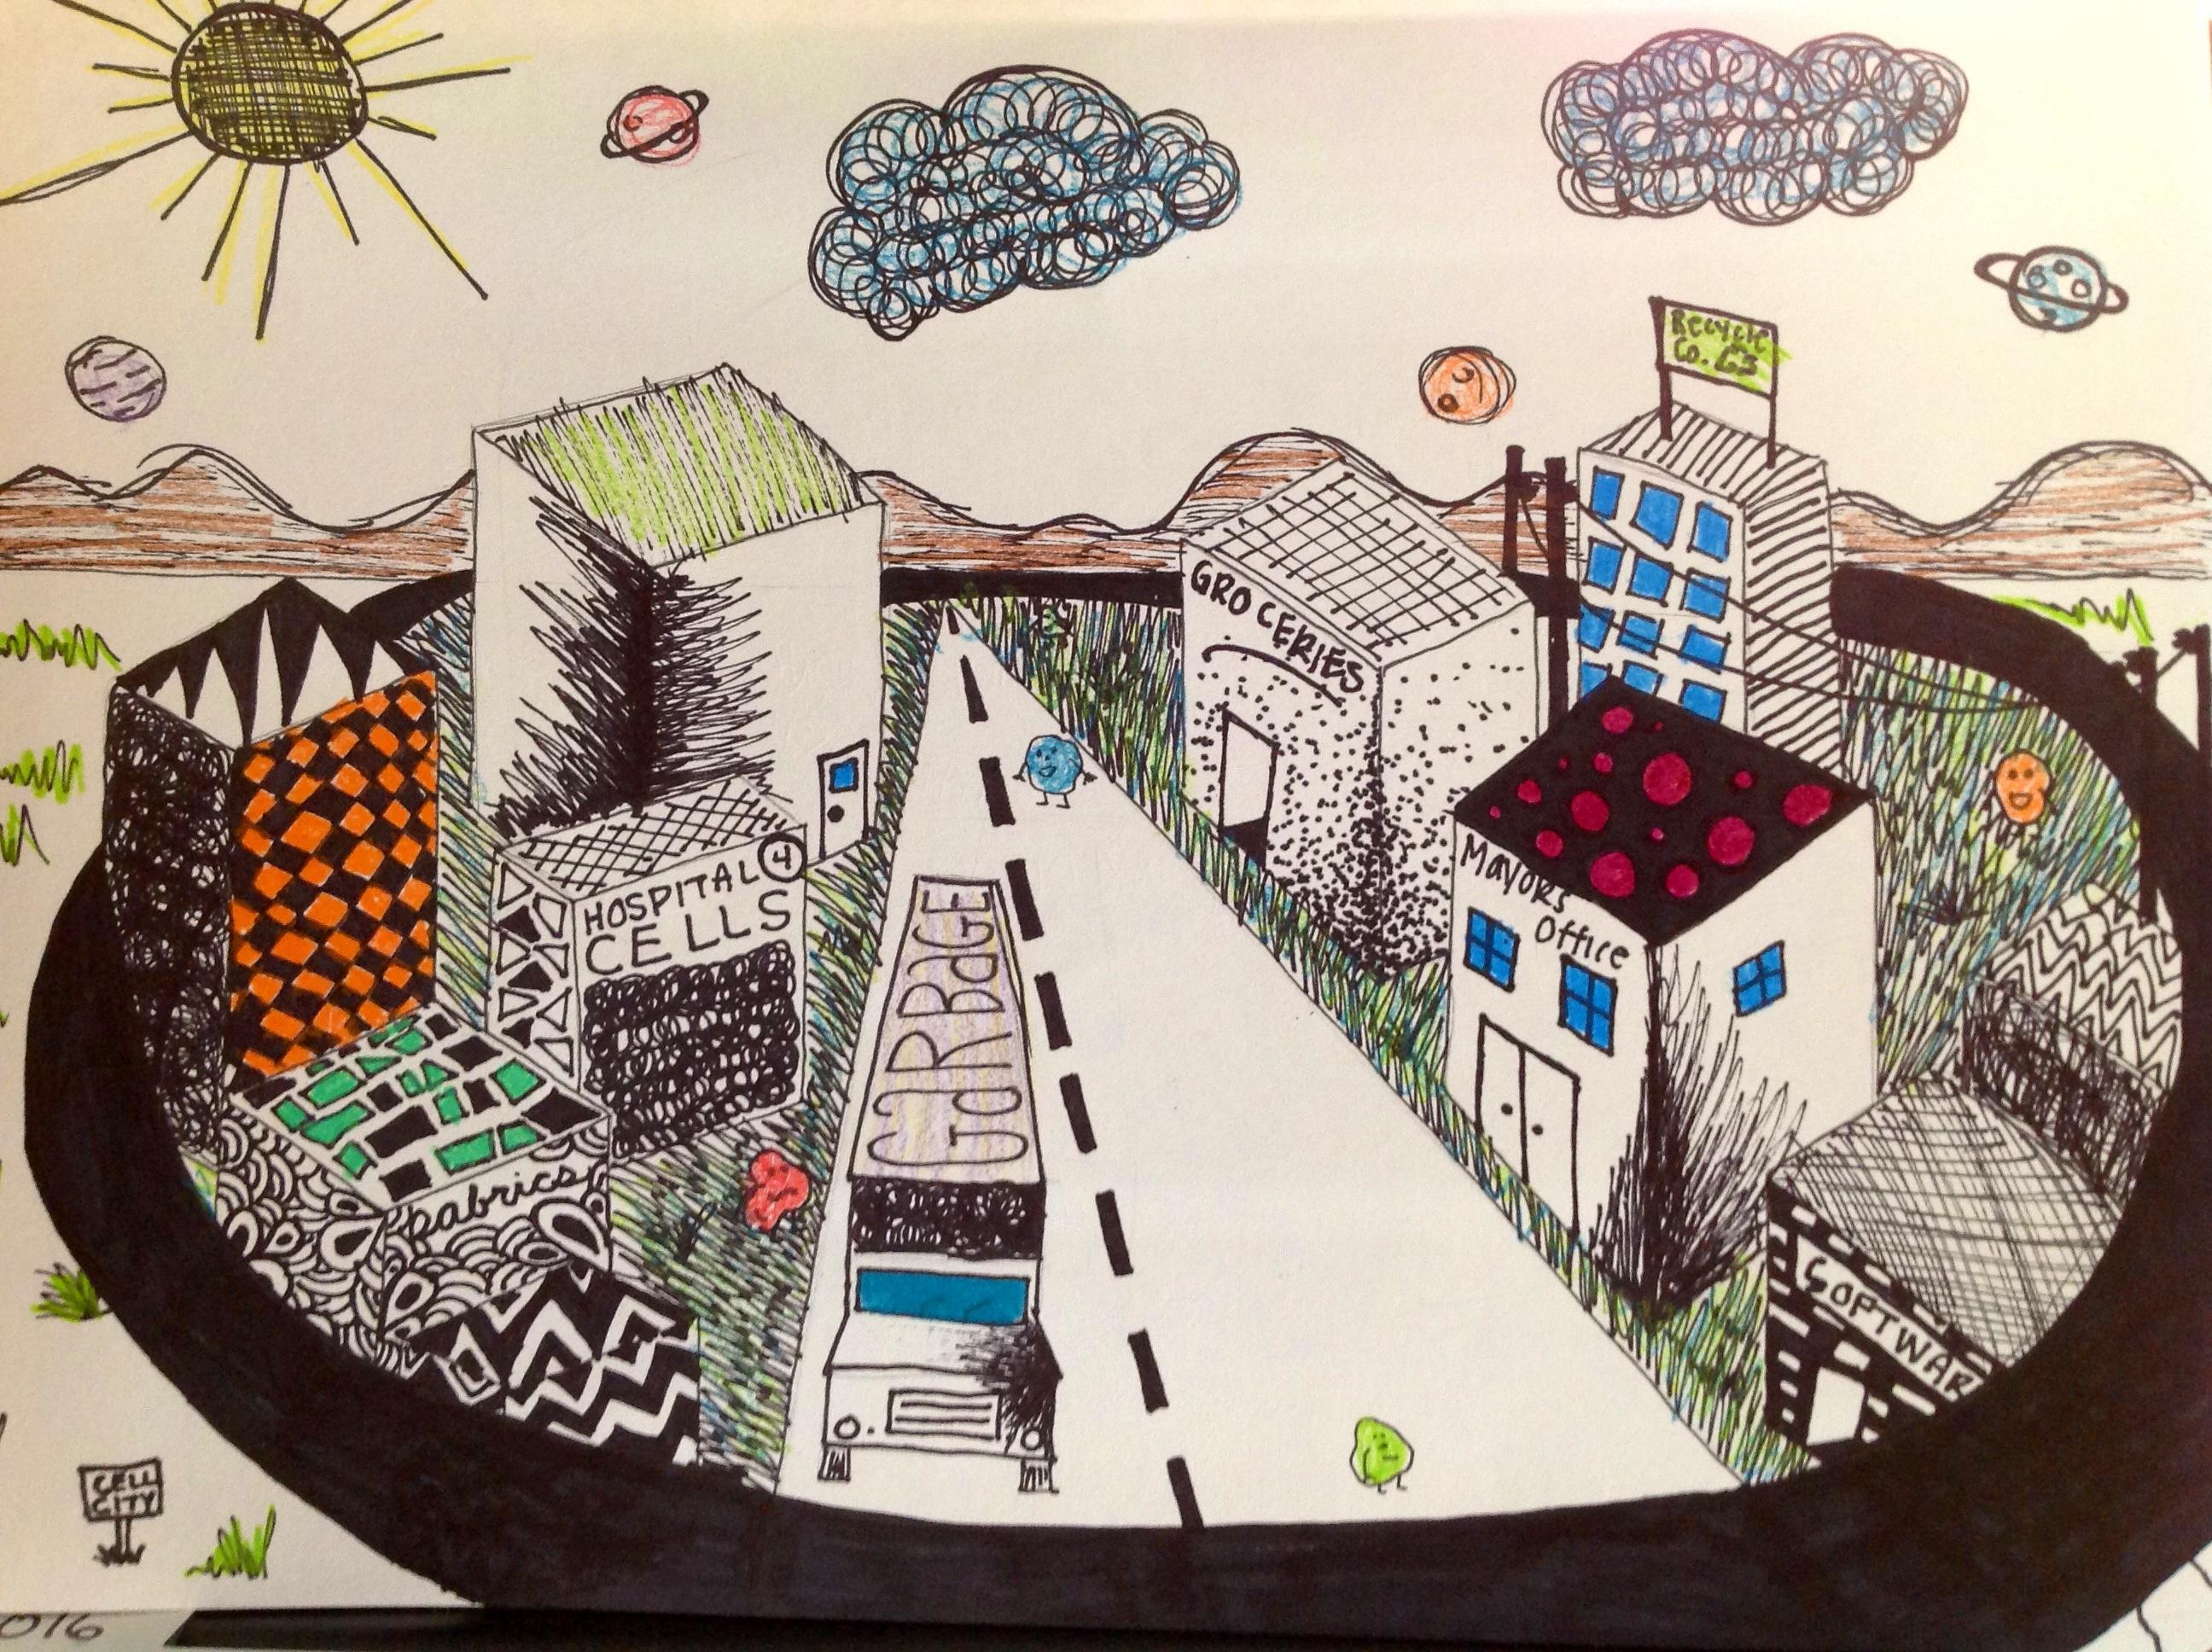 Annikah S Cell City Art Spilling